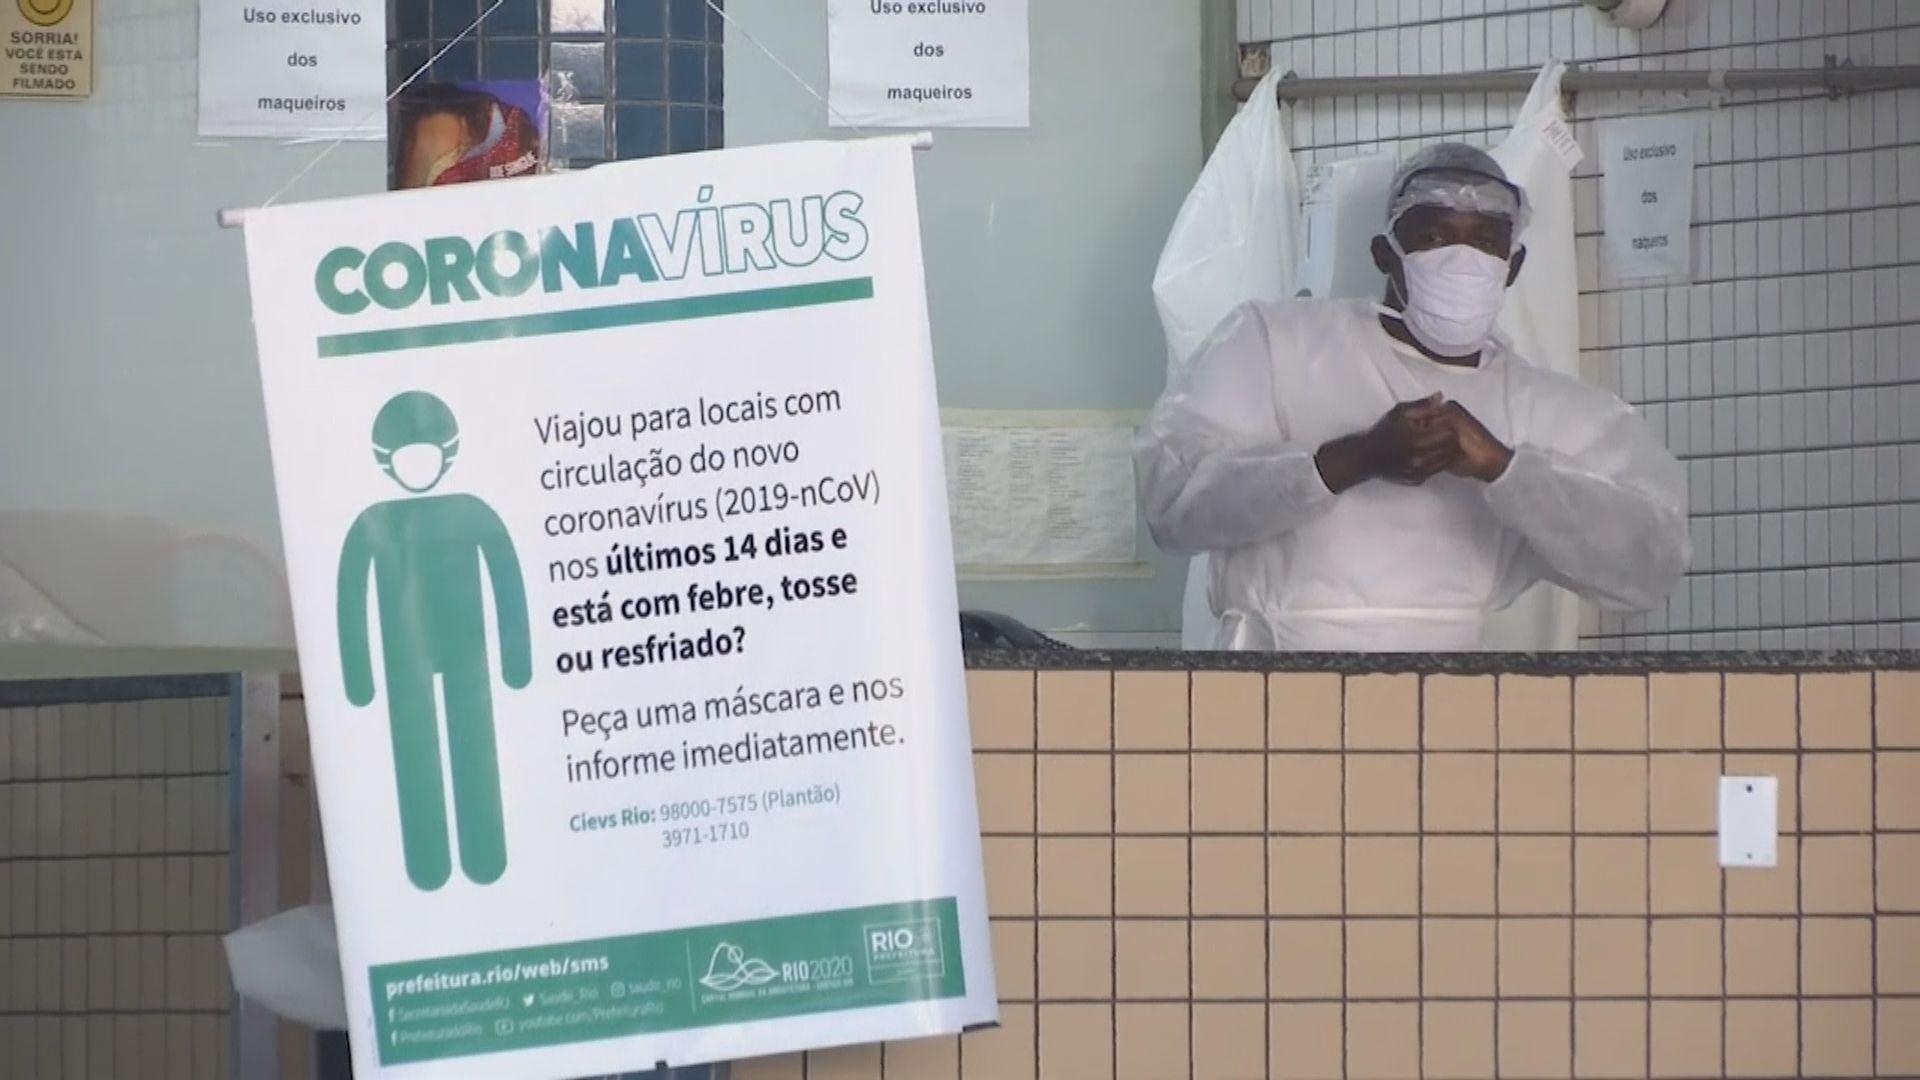 巴西單日增逾萬人確診 再刷新單日新增紀錄